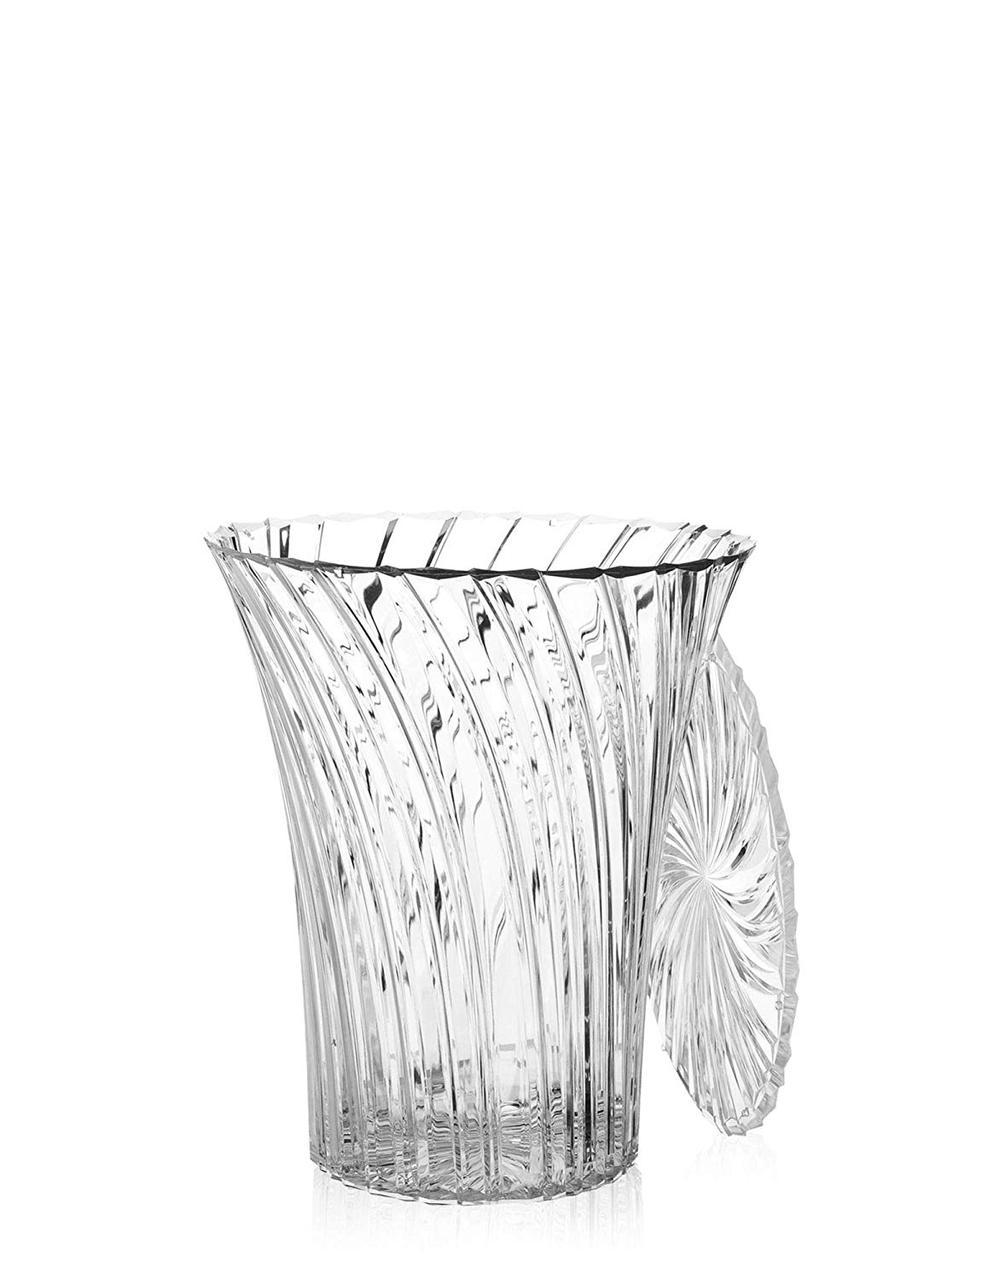 Табуретка - Kartell, Sparkle Хрусталь 38 x 38 x 44 cm